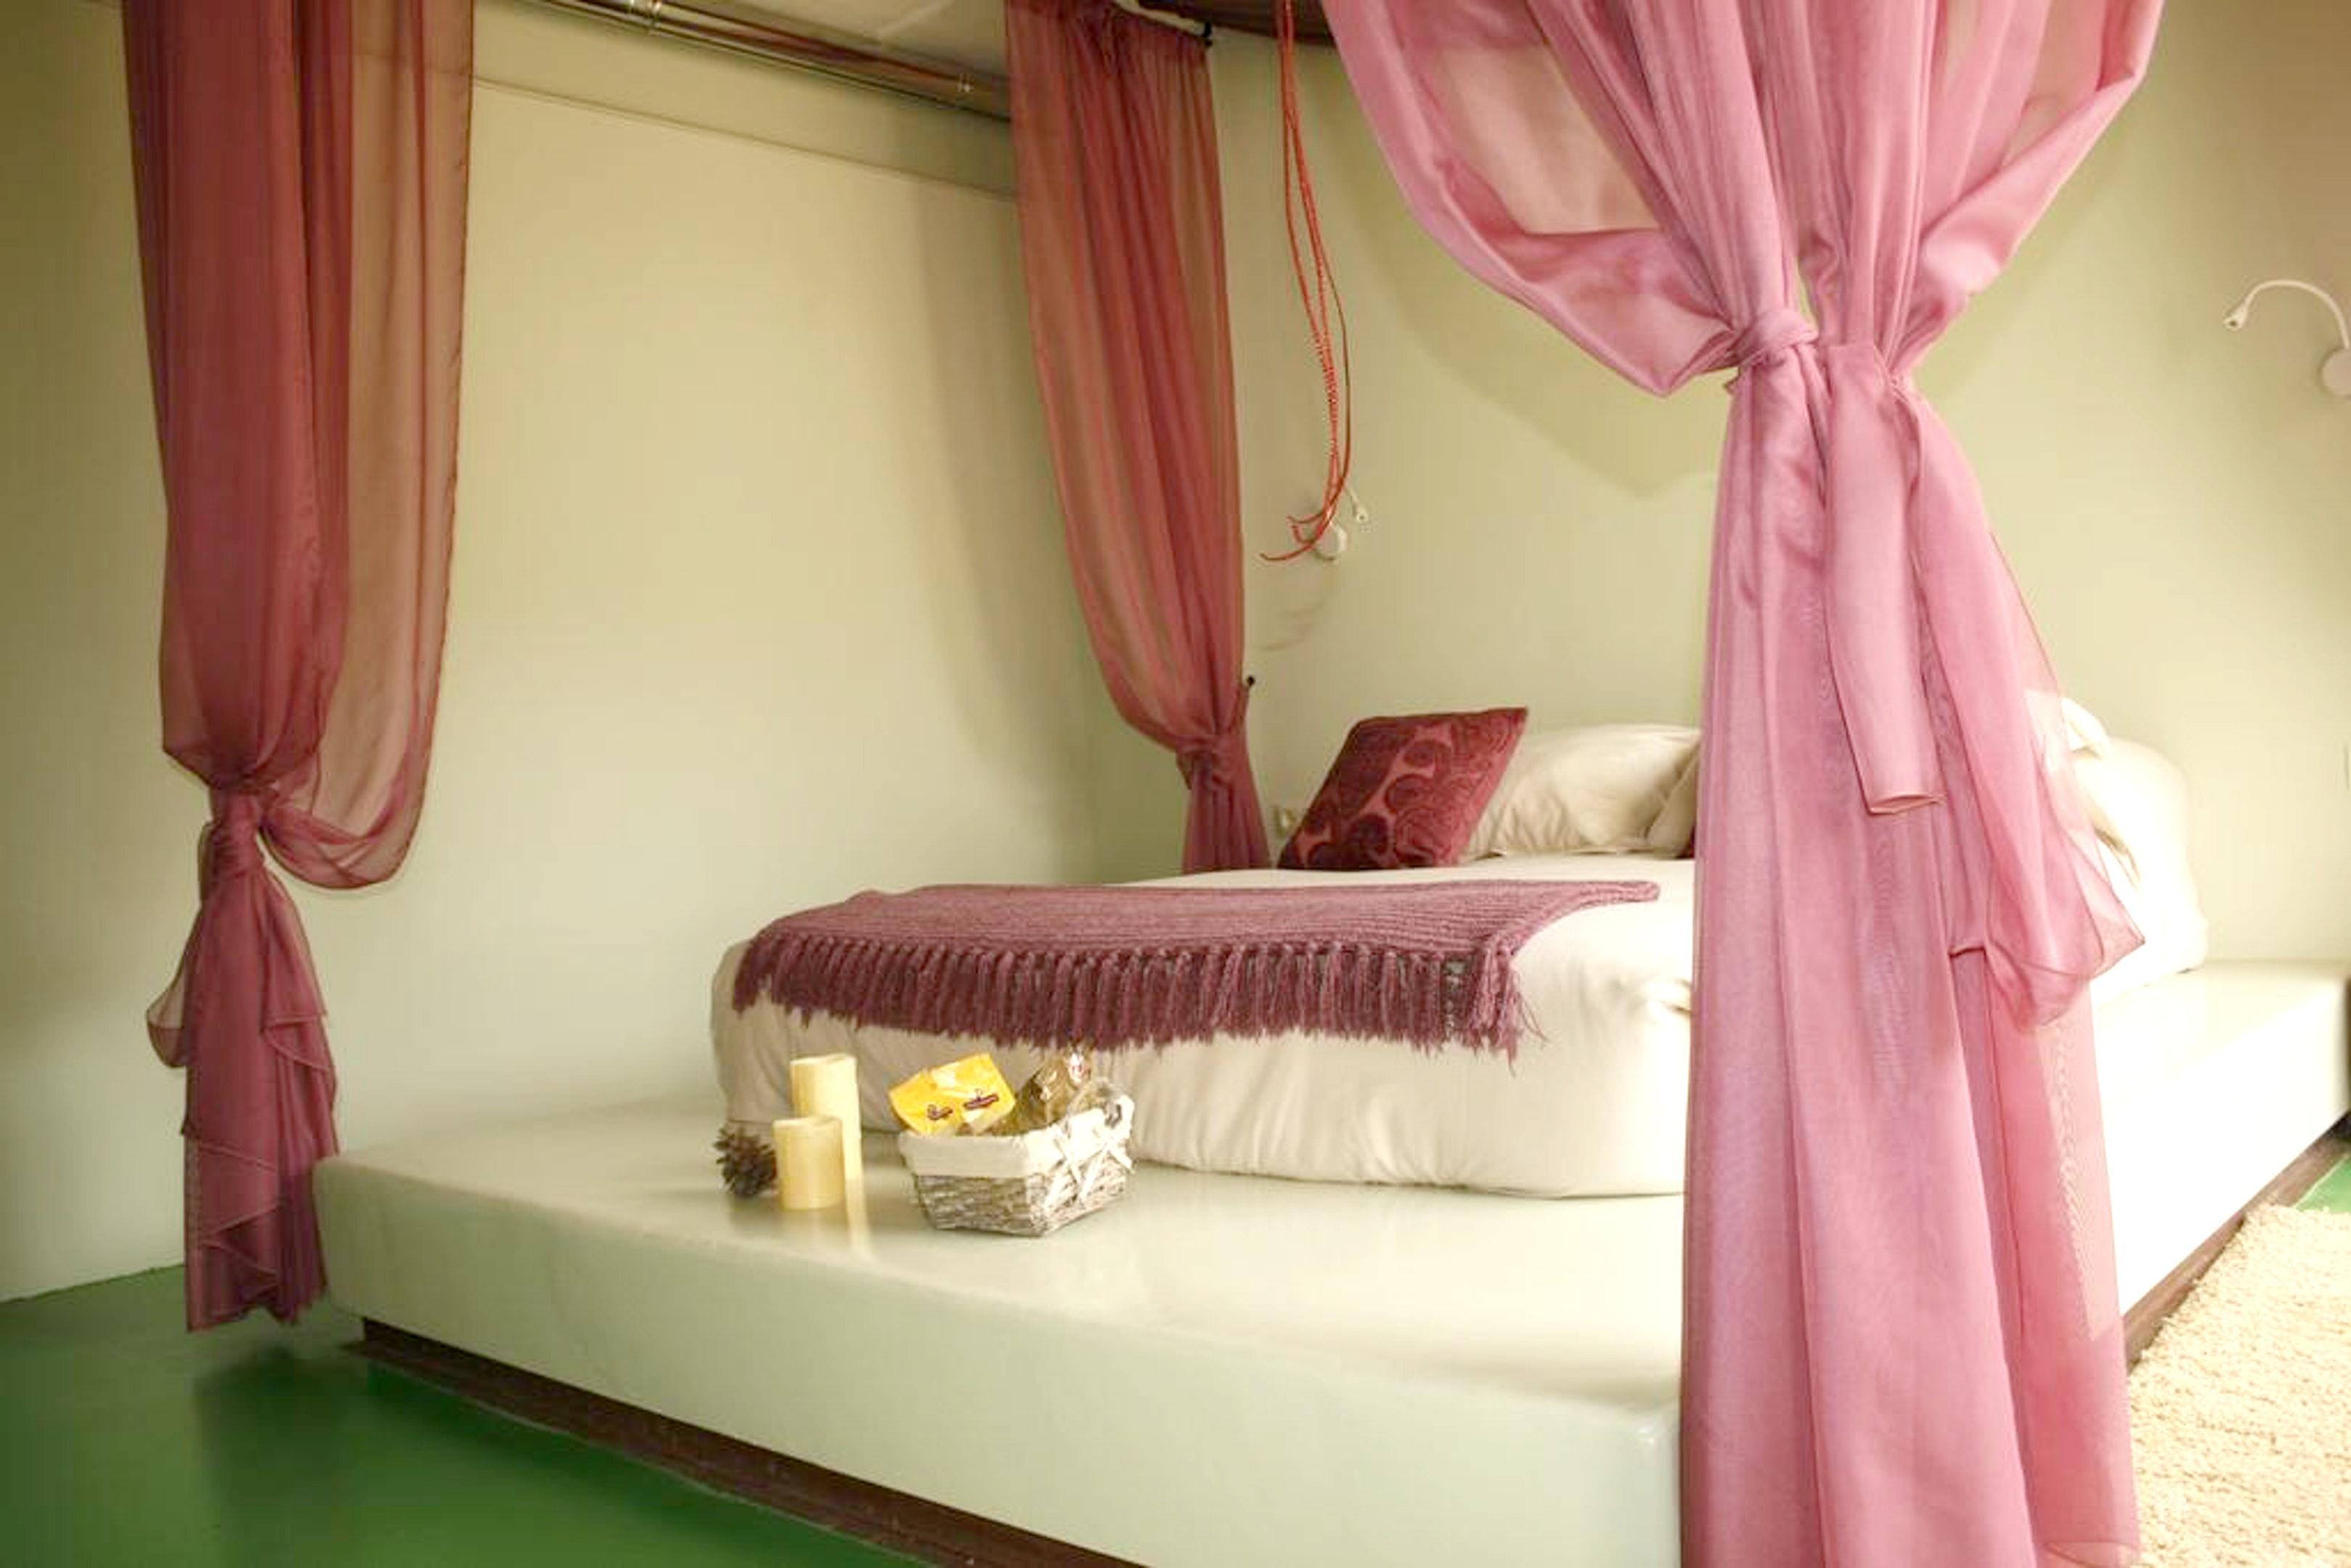 Ferienhaus Haus mit einem Schlafzimmer in Argamasilla de Alba mit Pool, eingezäuntem Garten und W-LAN (2541147), Argamasilla de Alba, Ciudad Real, Kastilien-La Mancha, Spanien, Bild 4